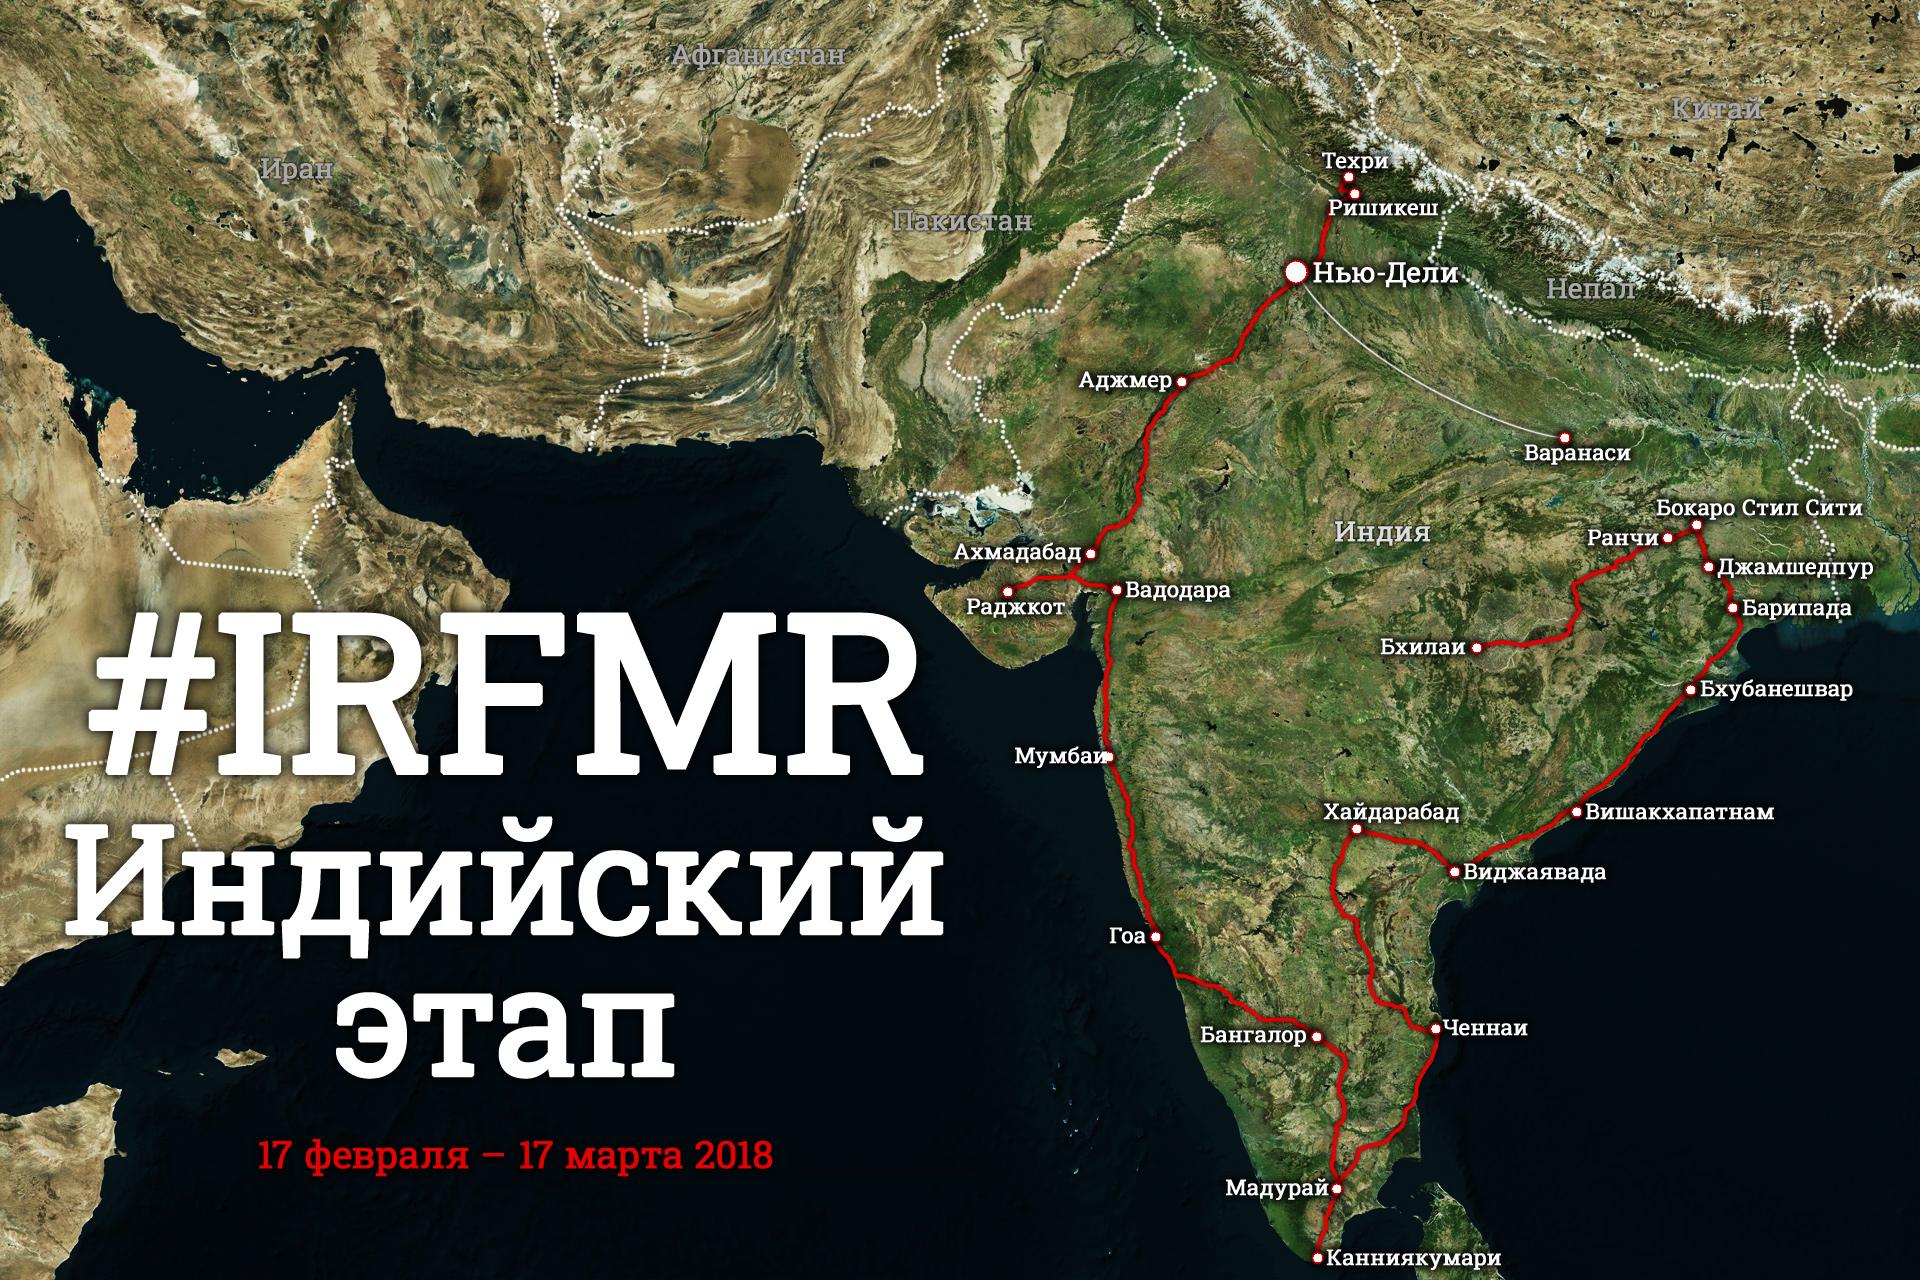 Маршрут путешествия «#IRFMR. Индийский этап»